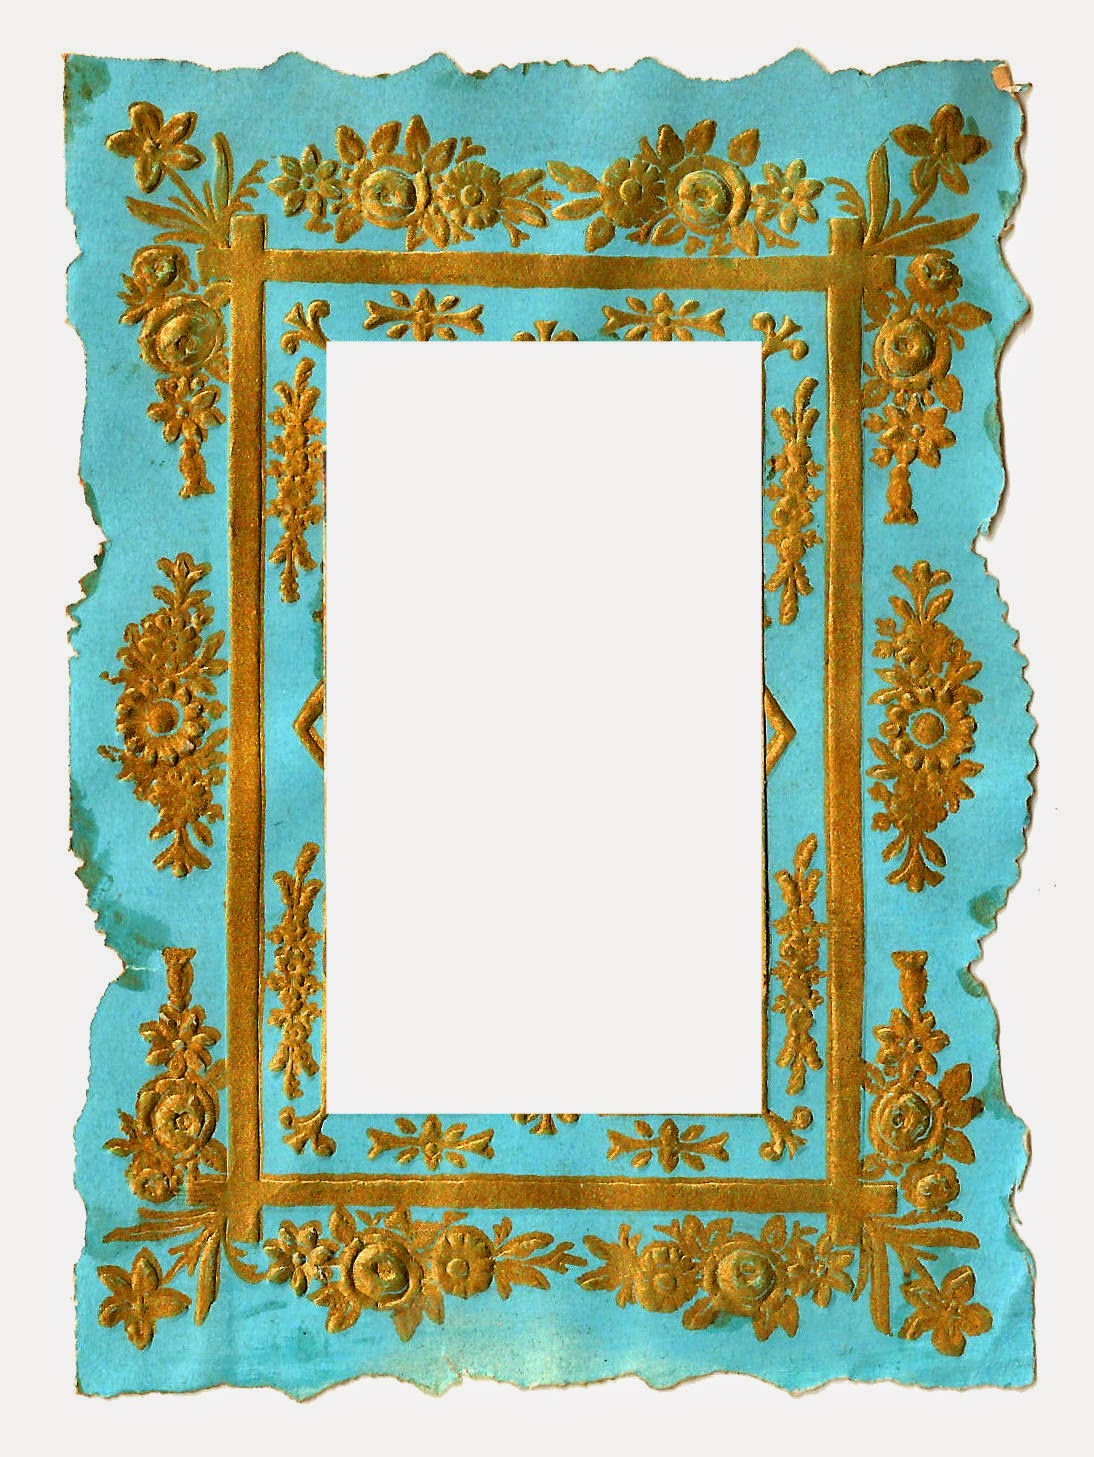 Digital Vintage Frame Clip Art Of Blue And Gold Background Graphics